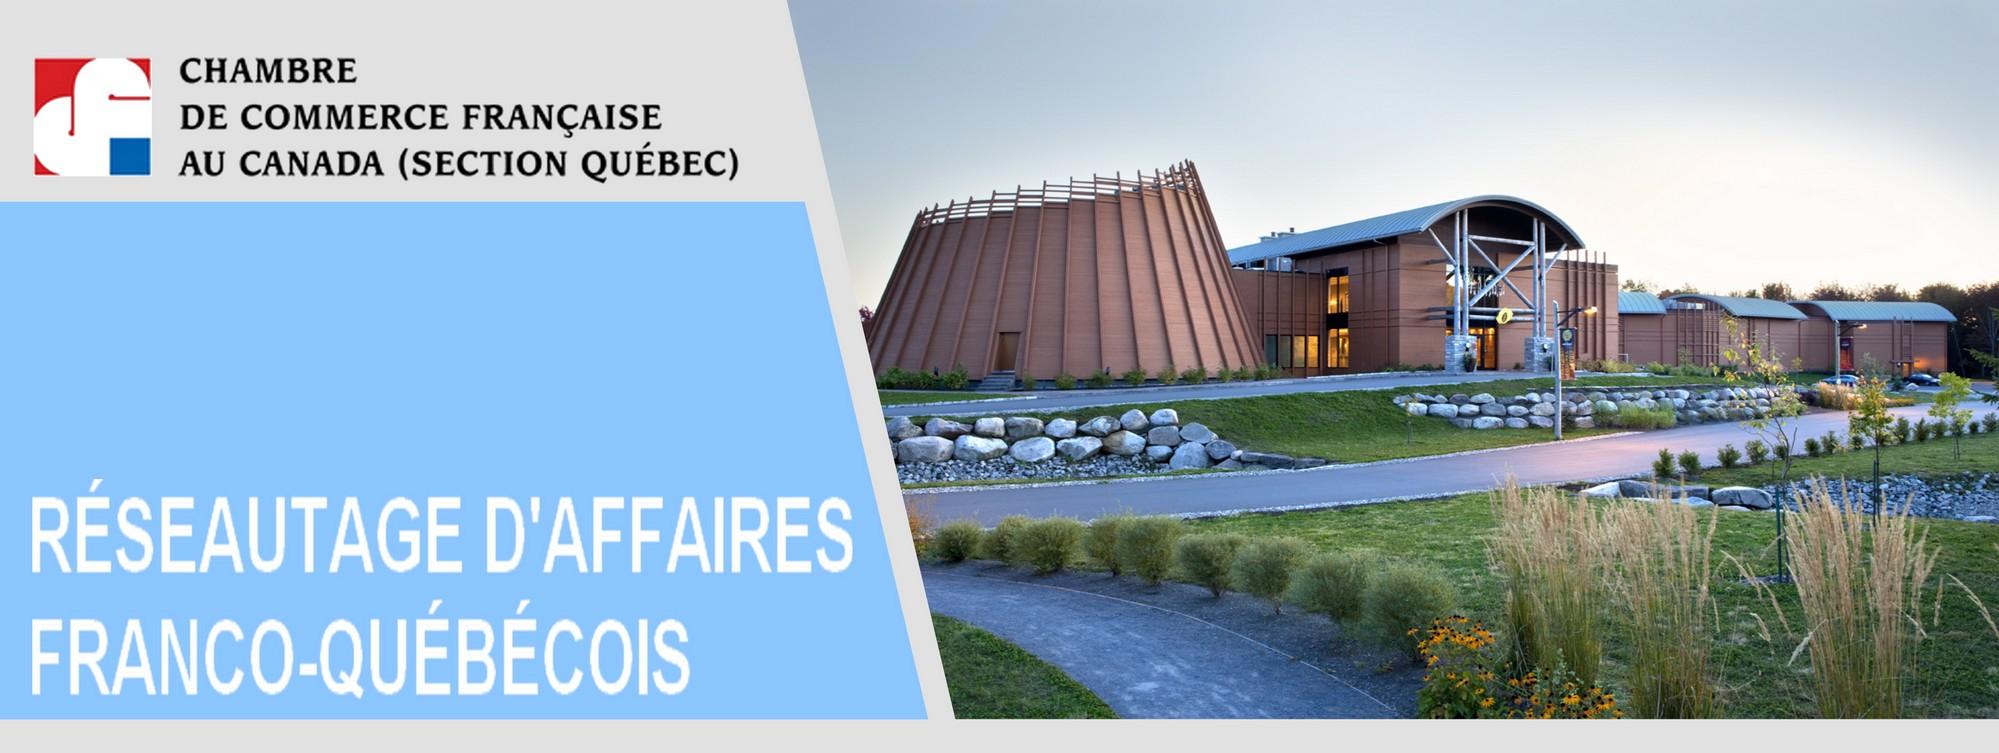 R seautage d 39 affaires franco qu b cois eventbrite for Chambre de commerce francaise au canada